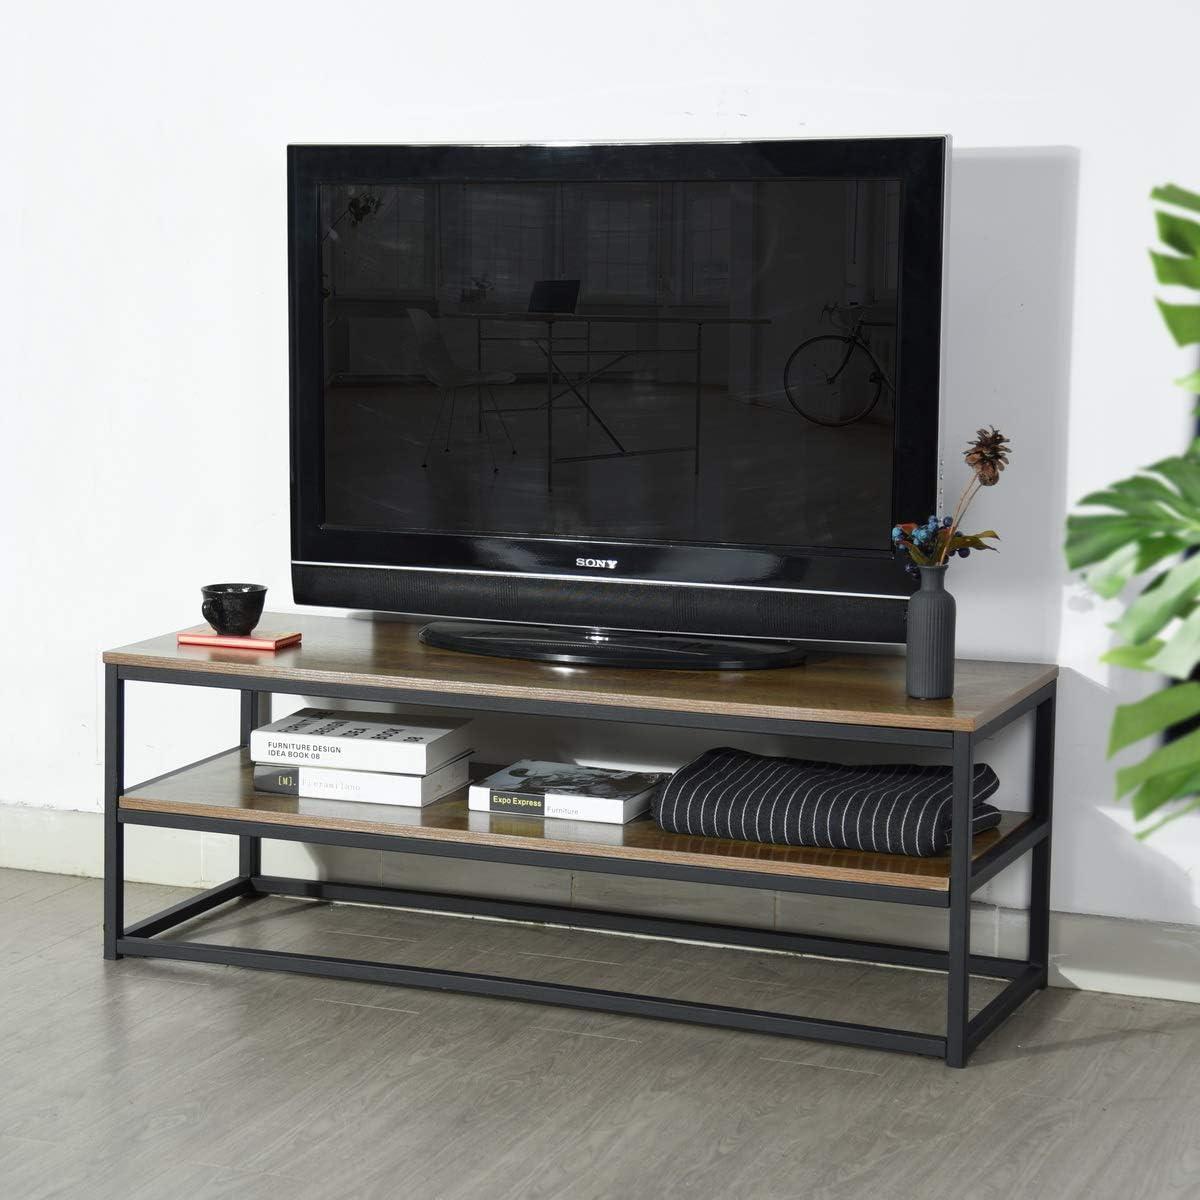 MEUBLES COSY Mueble para televisor, Metal, Talla única: Amazon.es: Juguetes y juegos